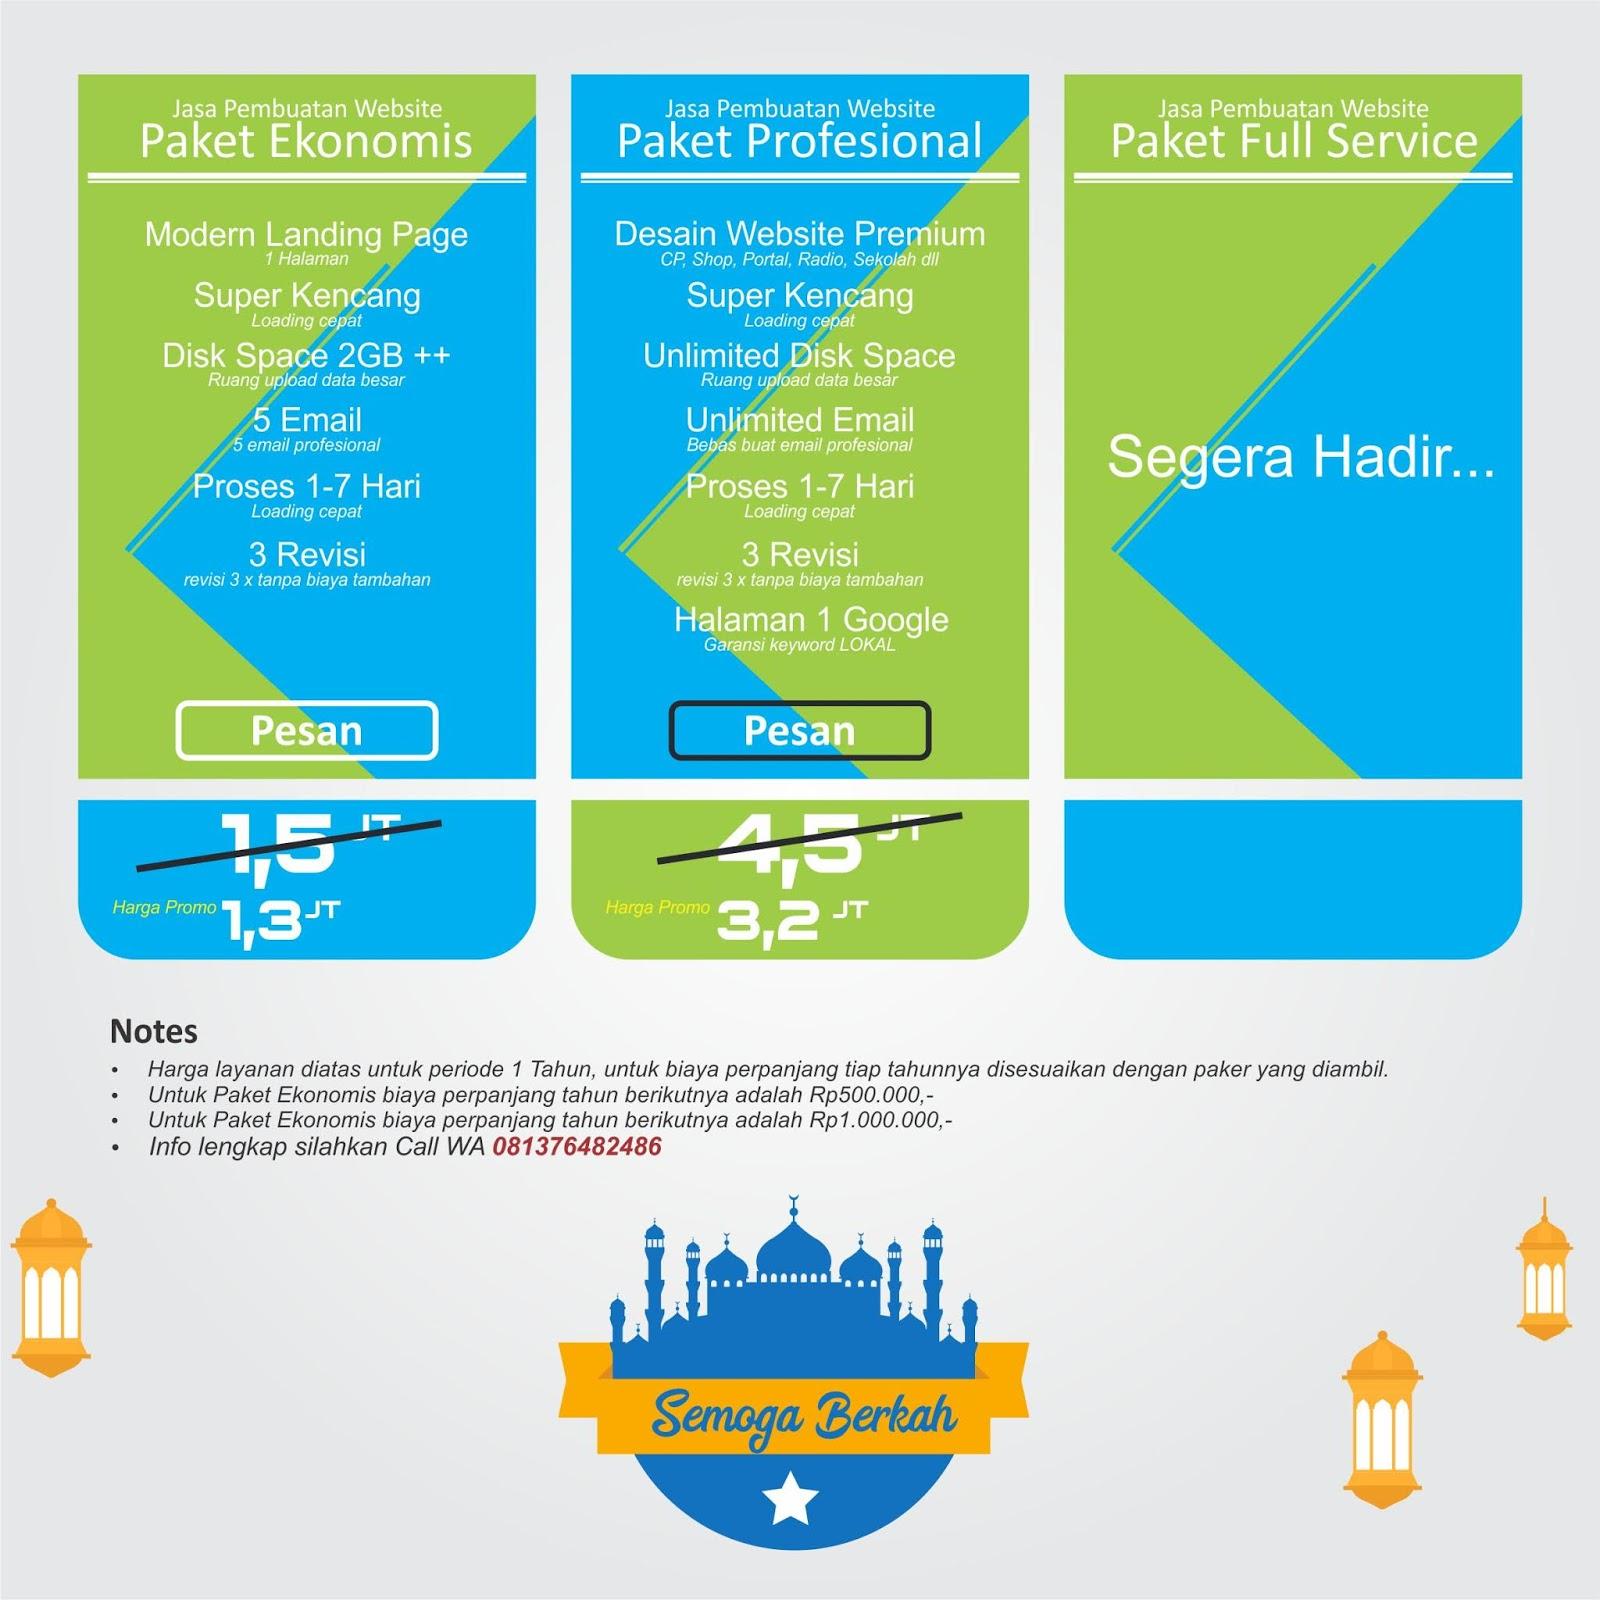 Jasa pembuatan website paling murah di Banda Aceh - Teman ...